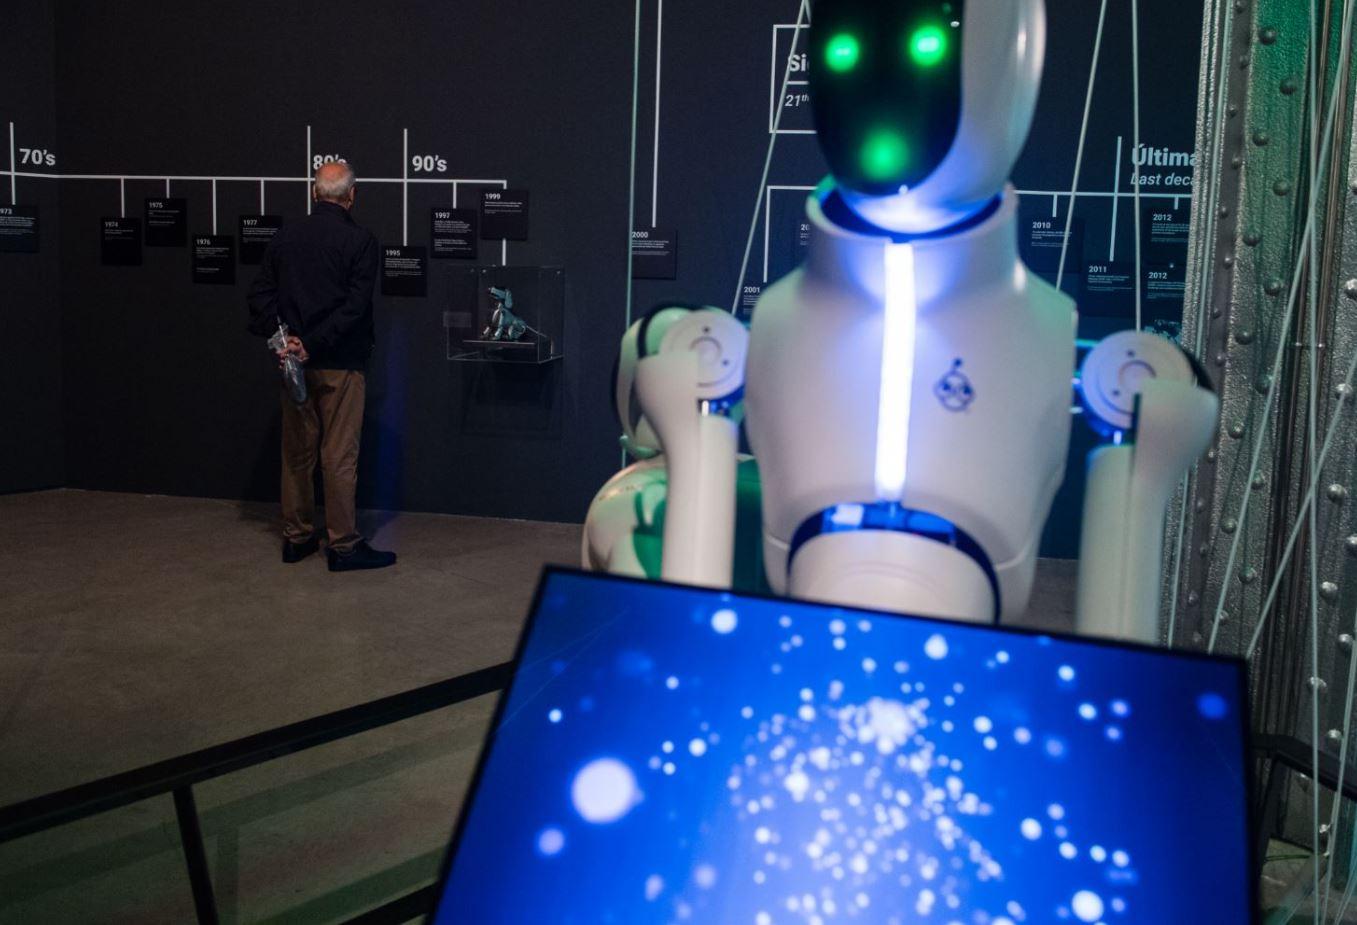 Fundación Telefónica Presenta 'Nosotros, Robots':